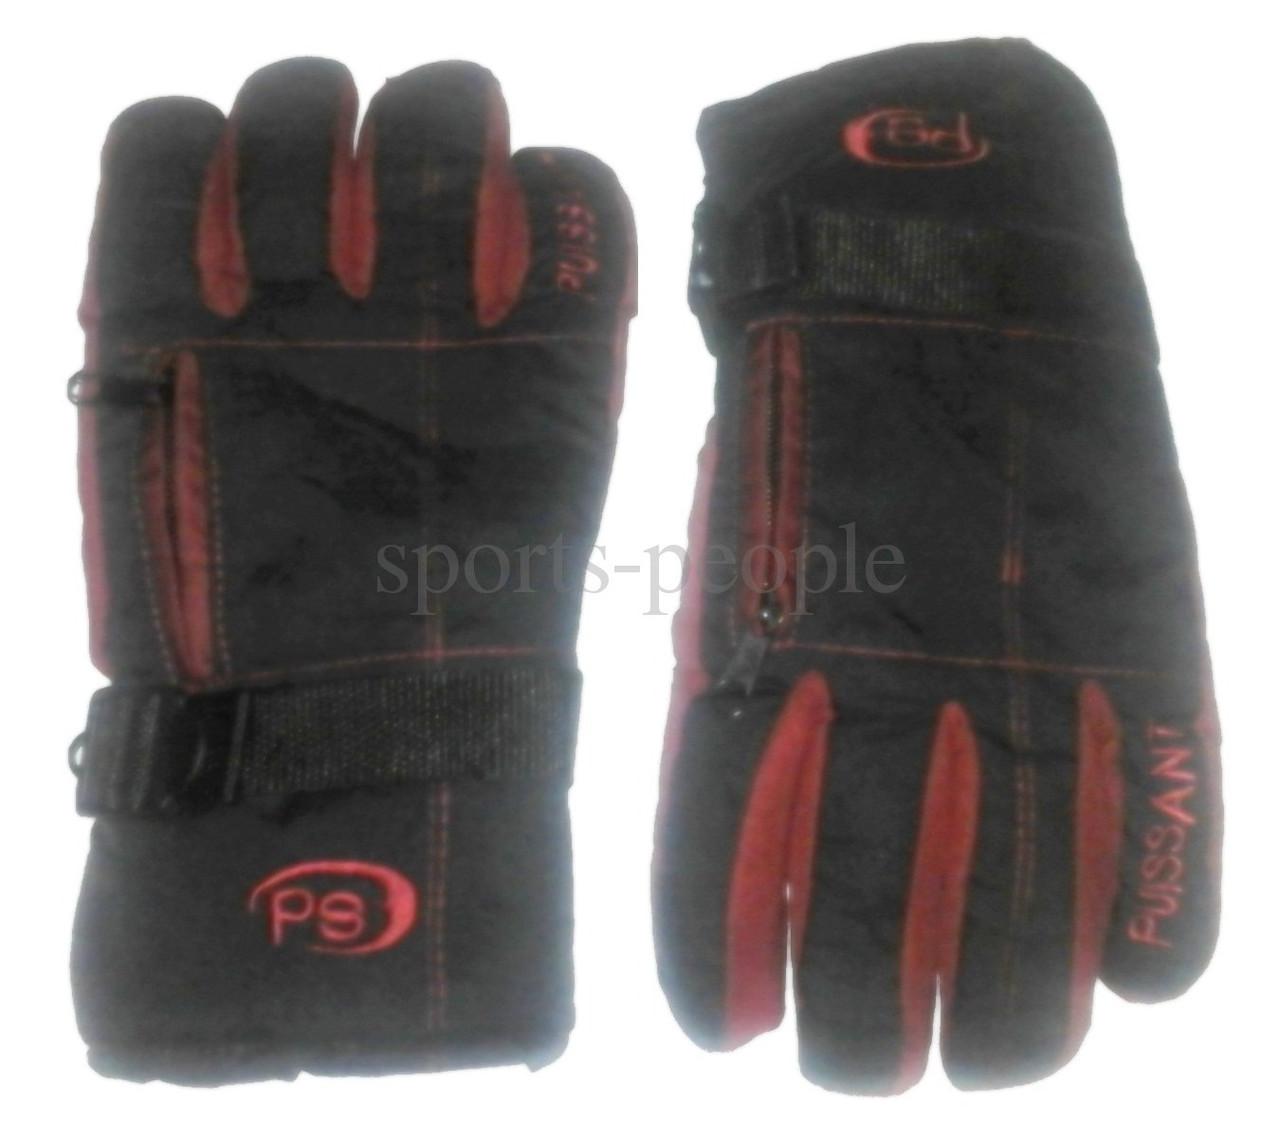 Перчатки горнолыжные Puissant, L, с карманом на застежке, черный с красным.